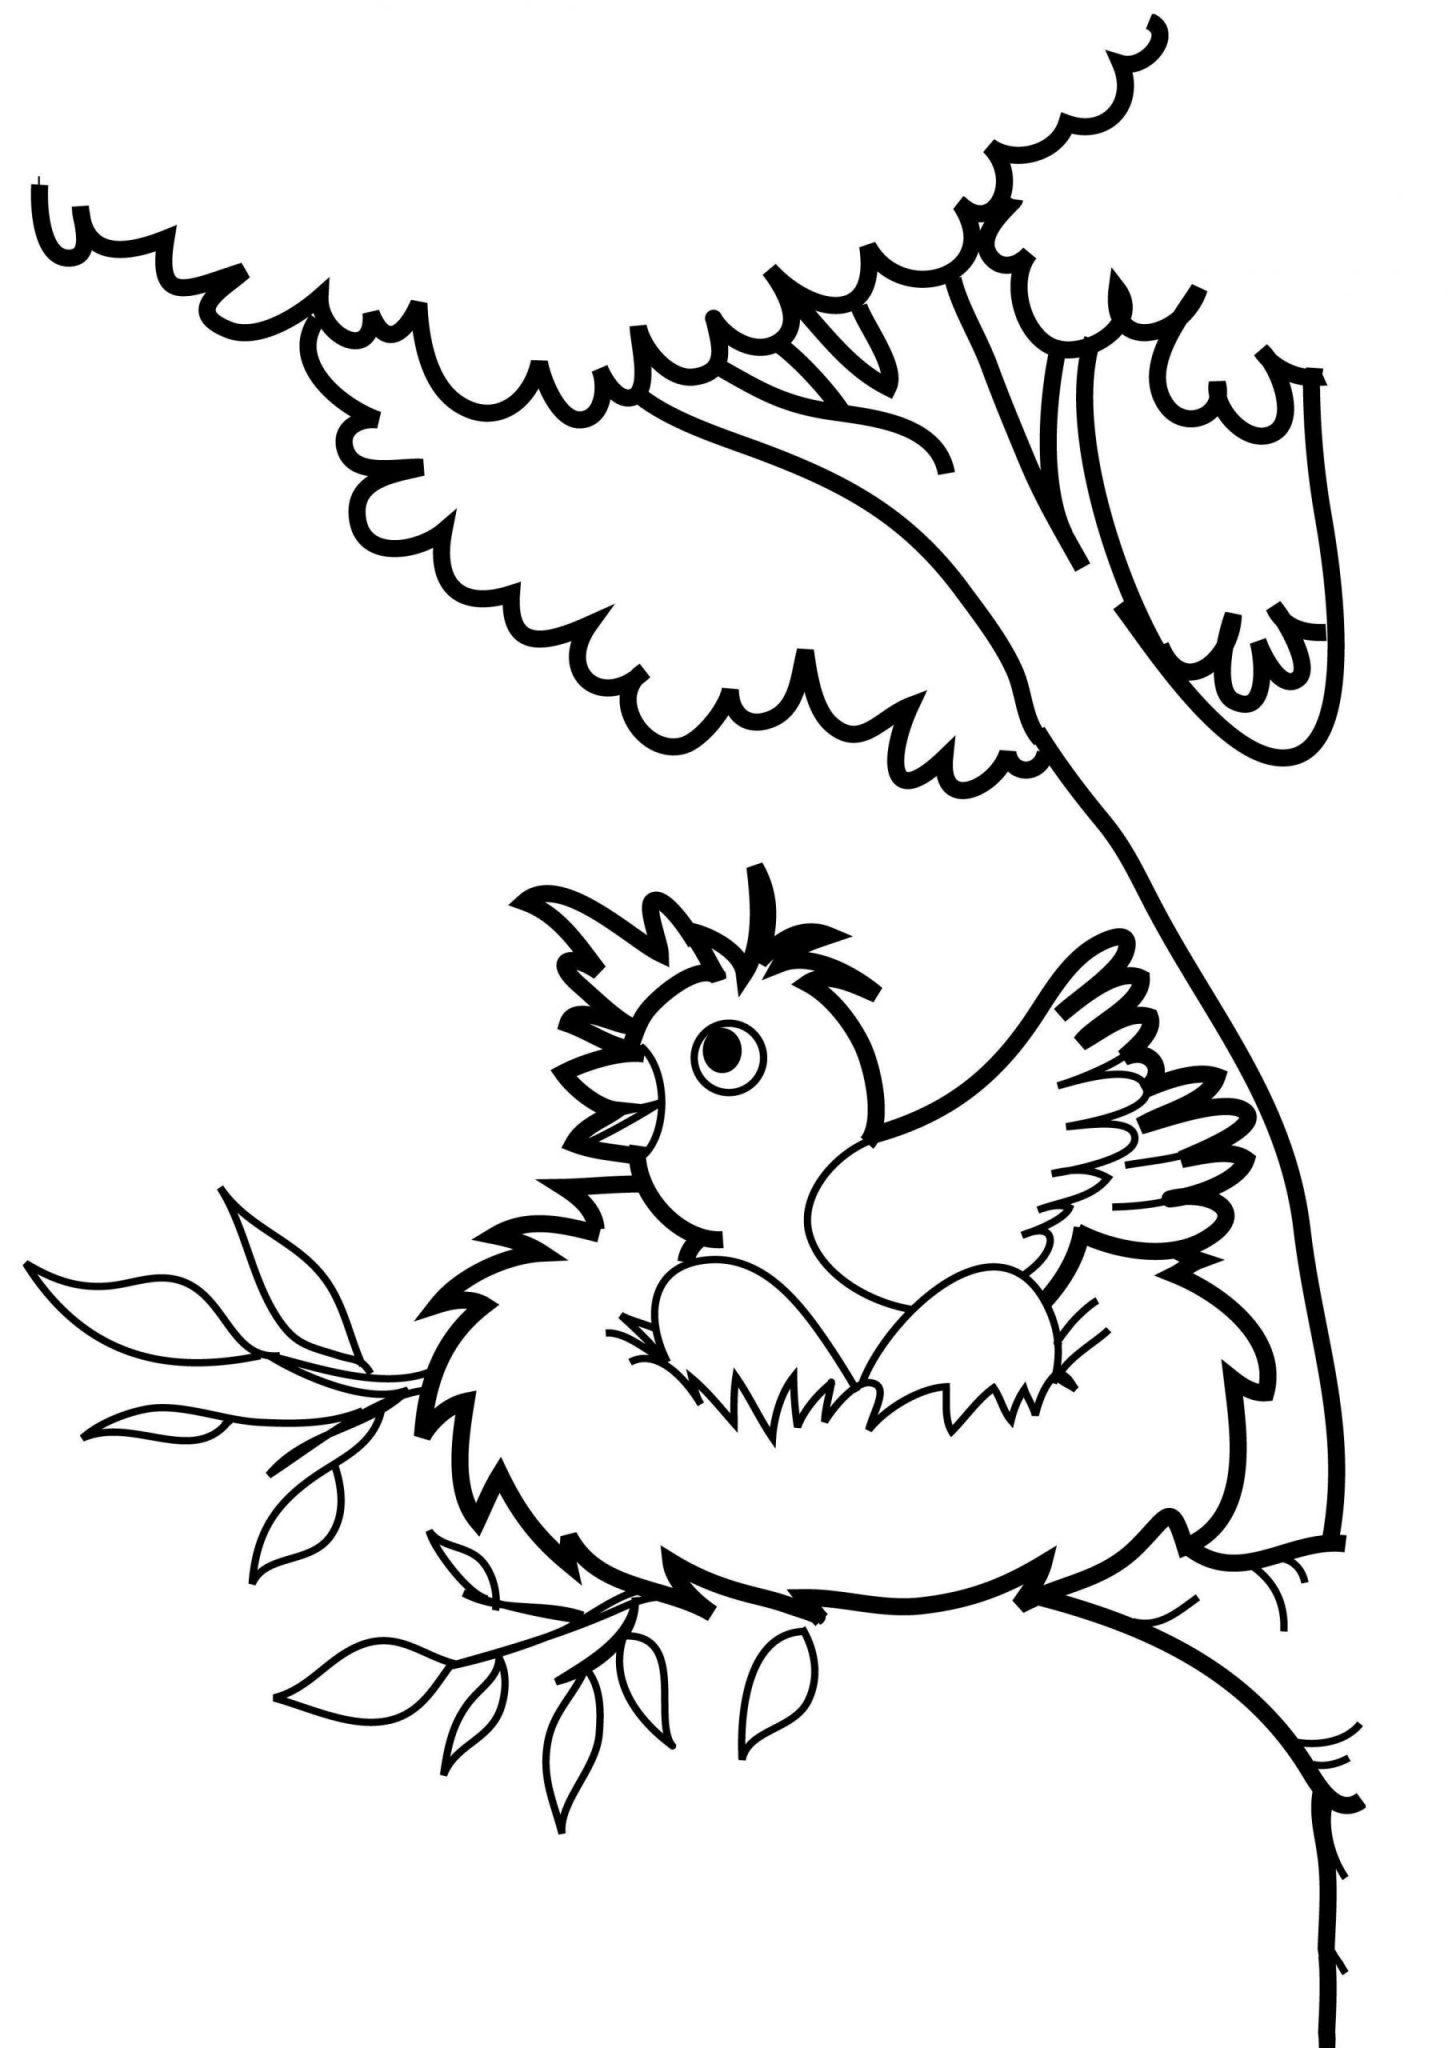 Tranh tô màu con chim trên tổ